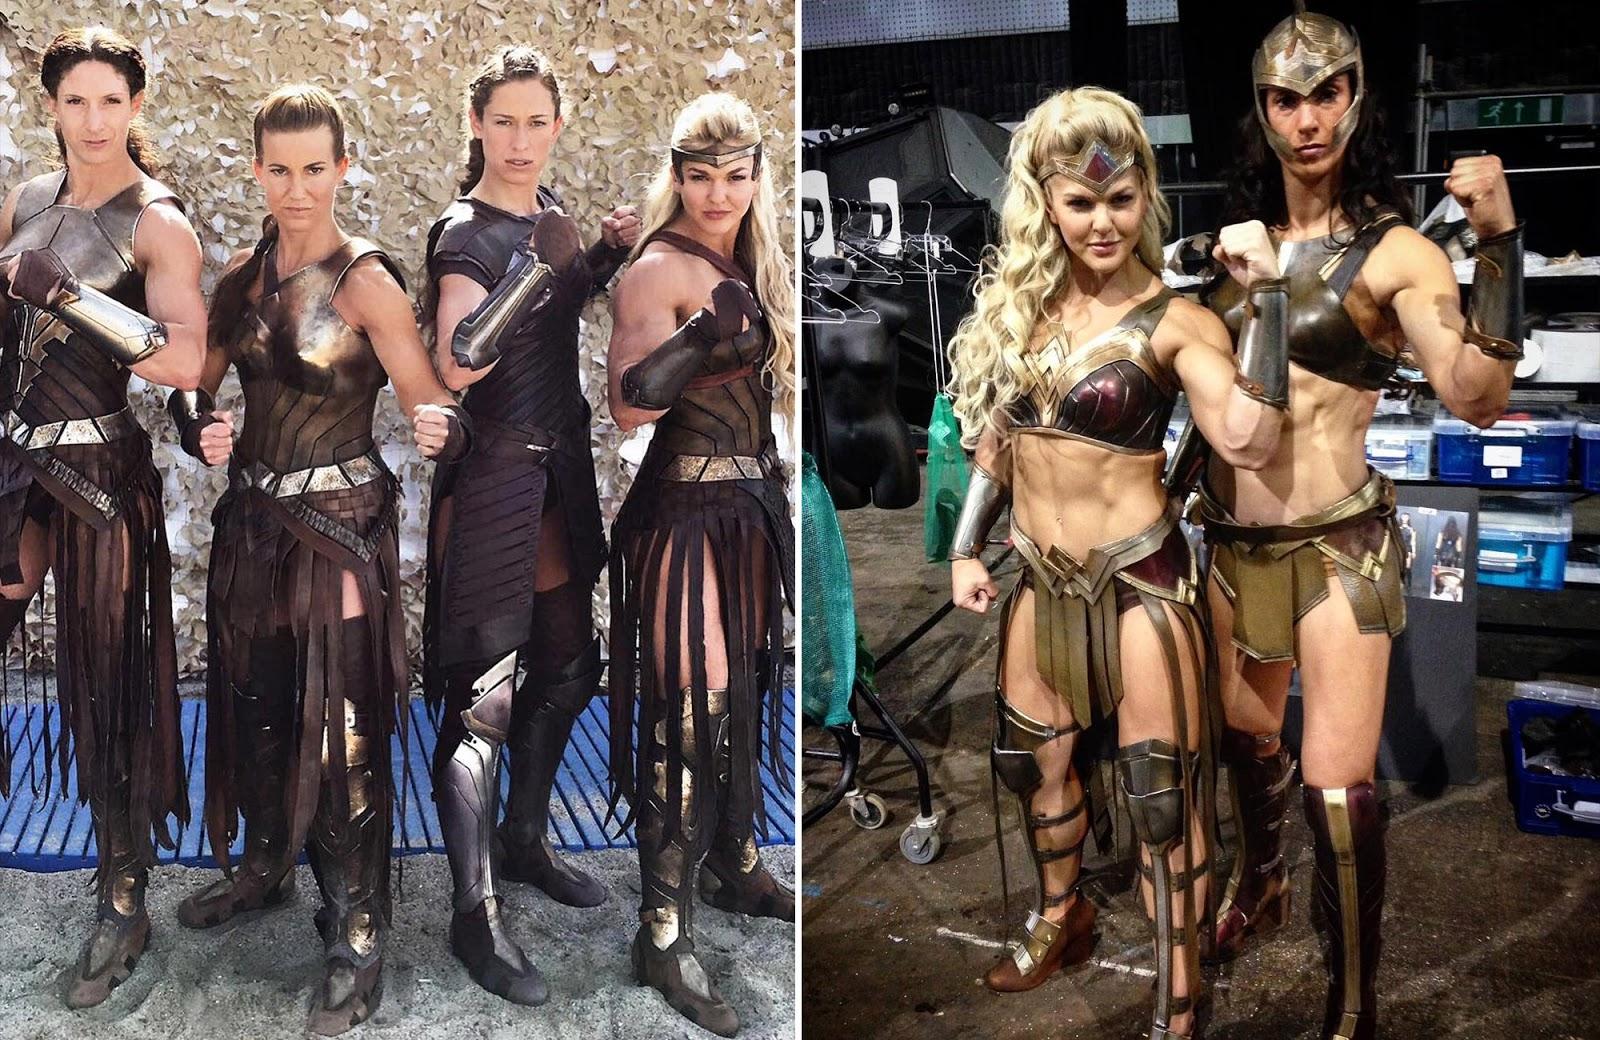 Amazon Warriors Fotos ashlyn brady author: wonder woman's amazon warriors get a